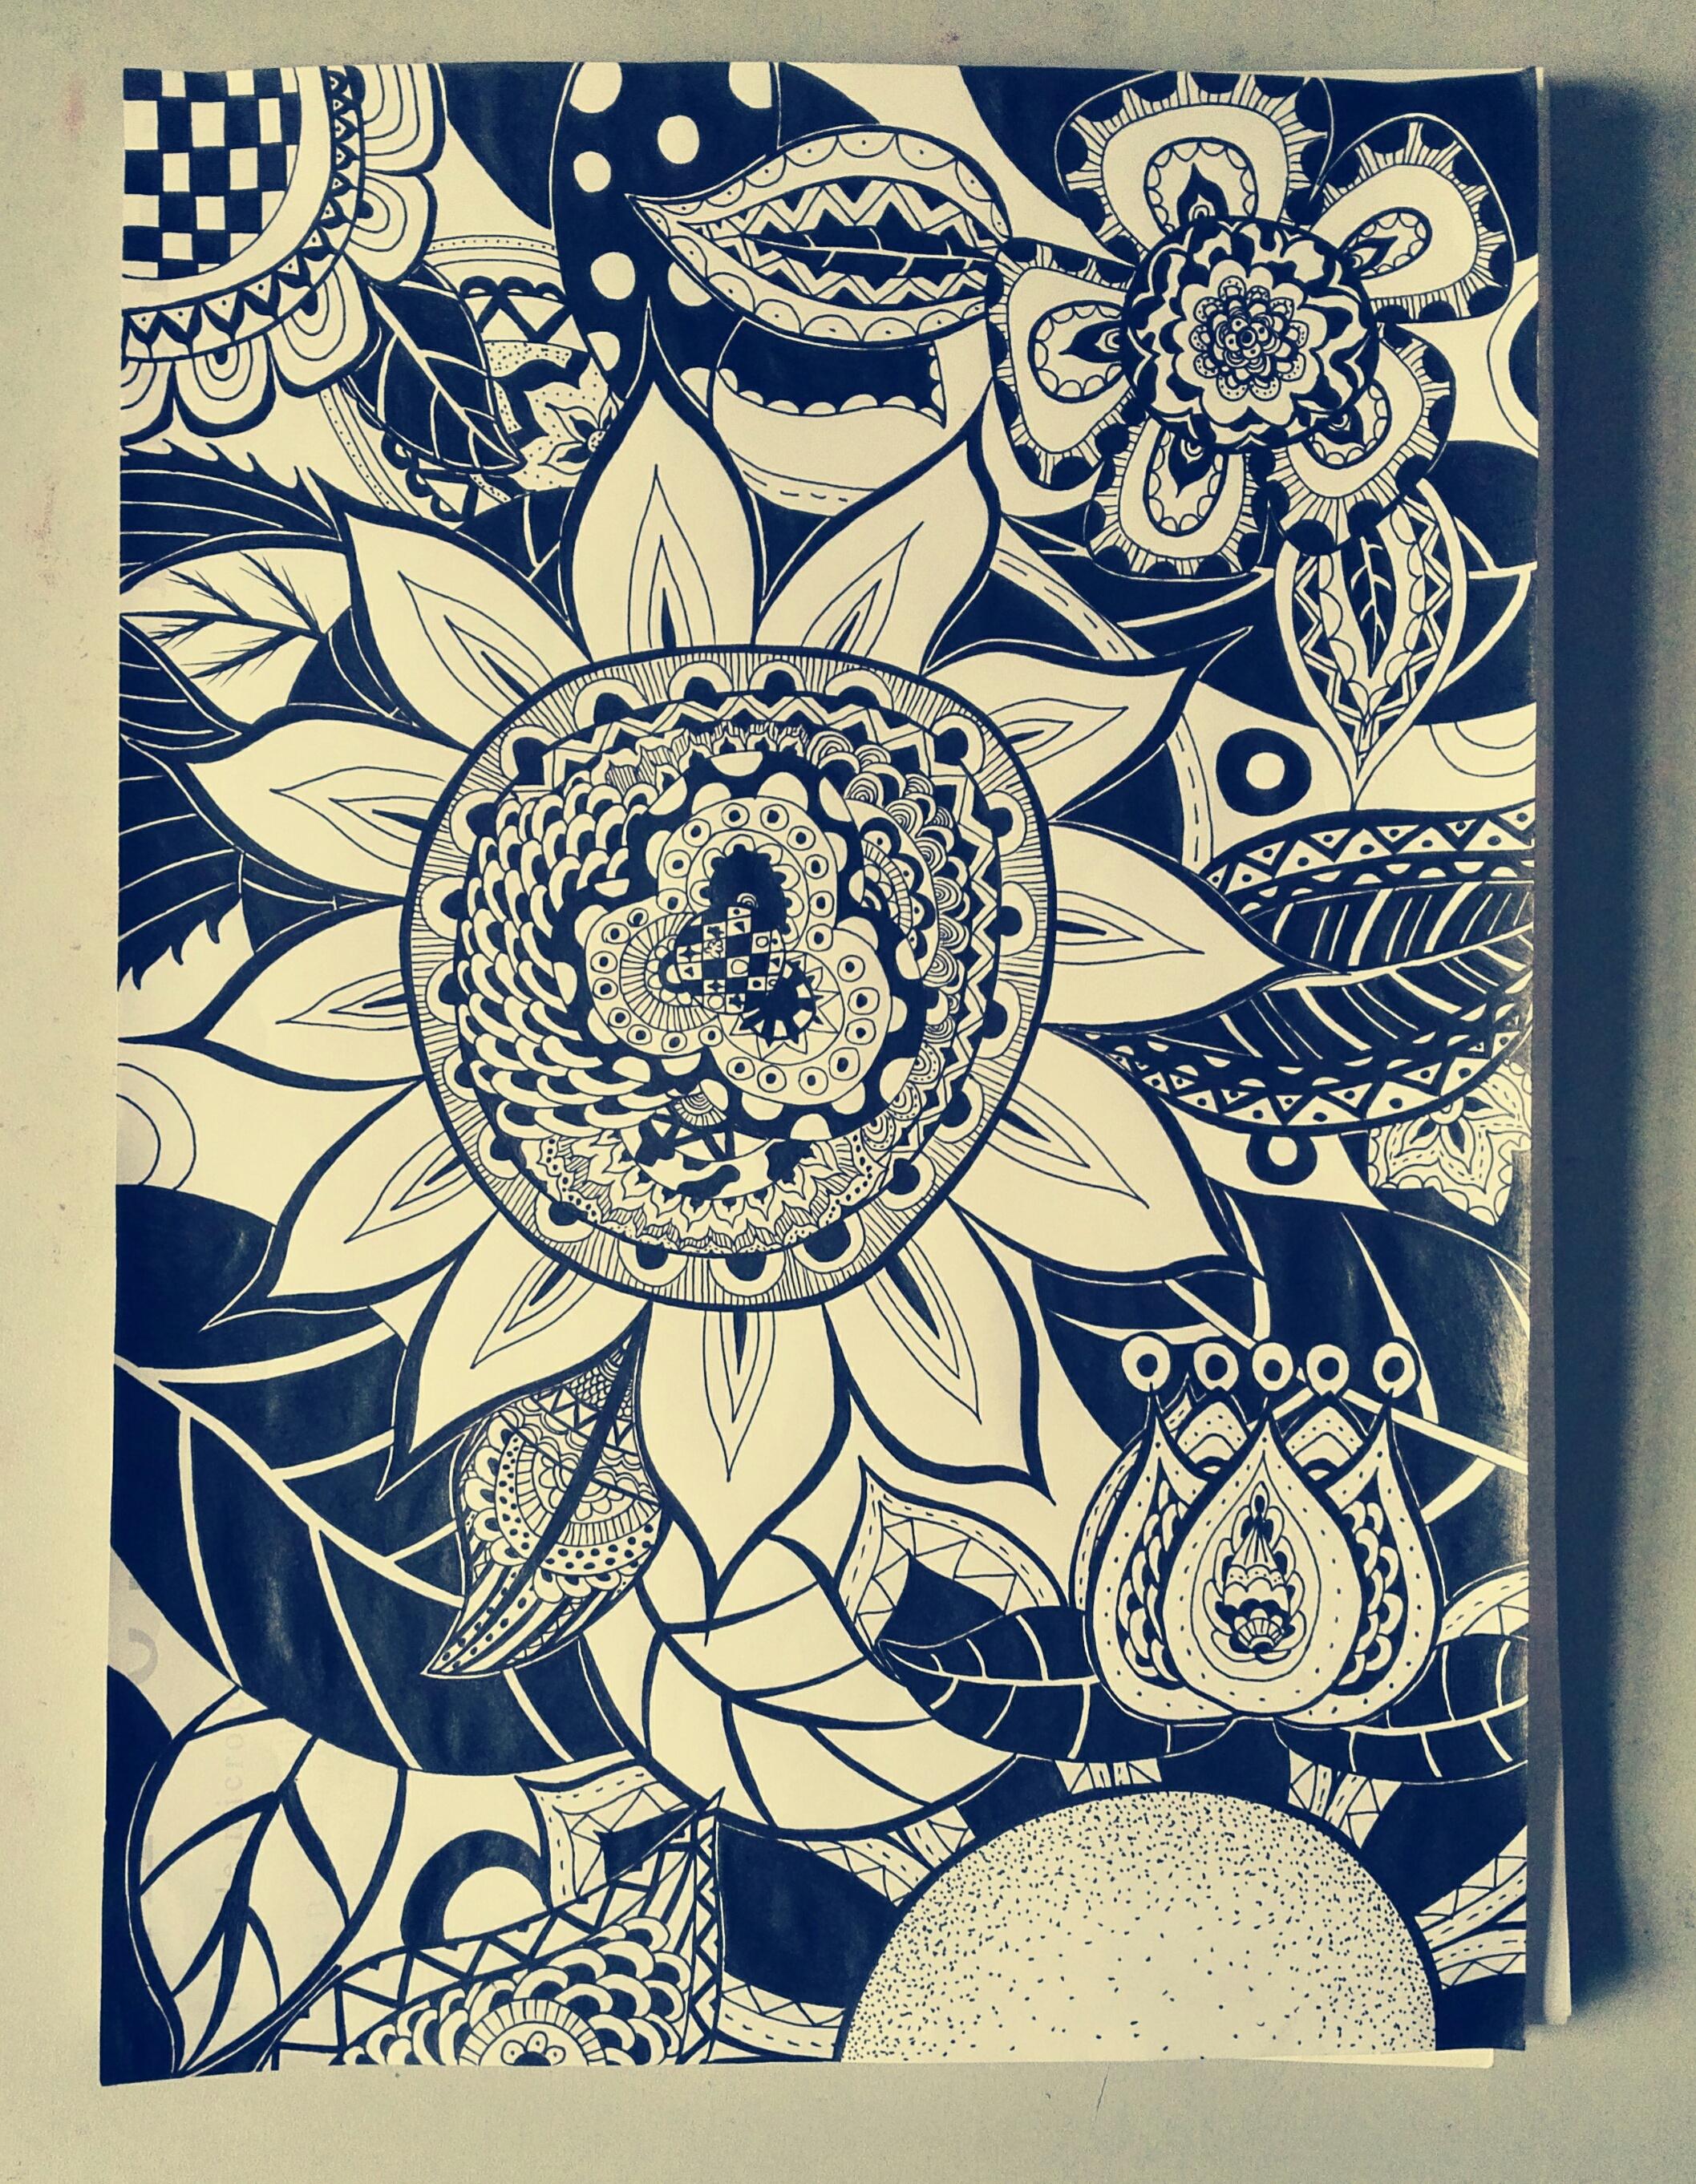 花朵黑白装饰画图片展示_花朵黑白装饰画相关图片下载图片